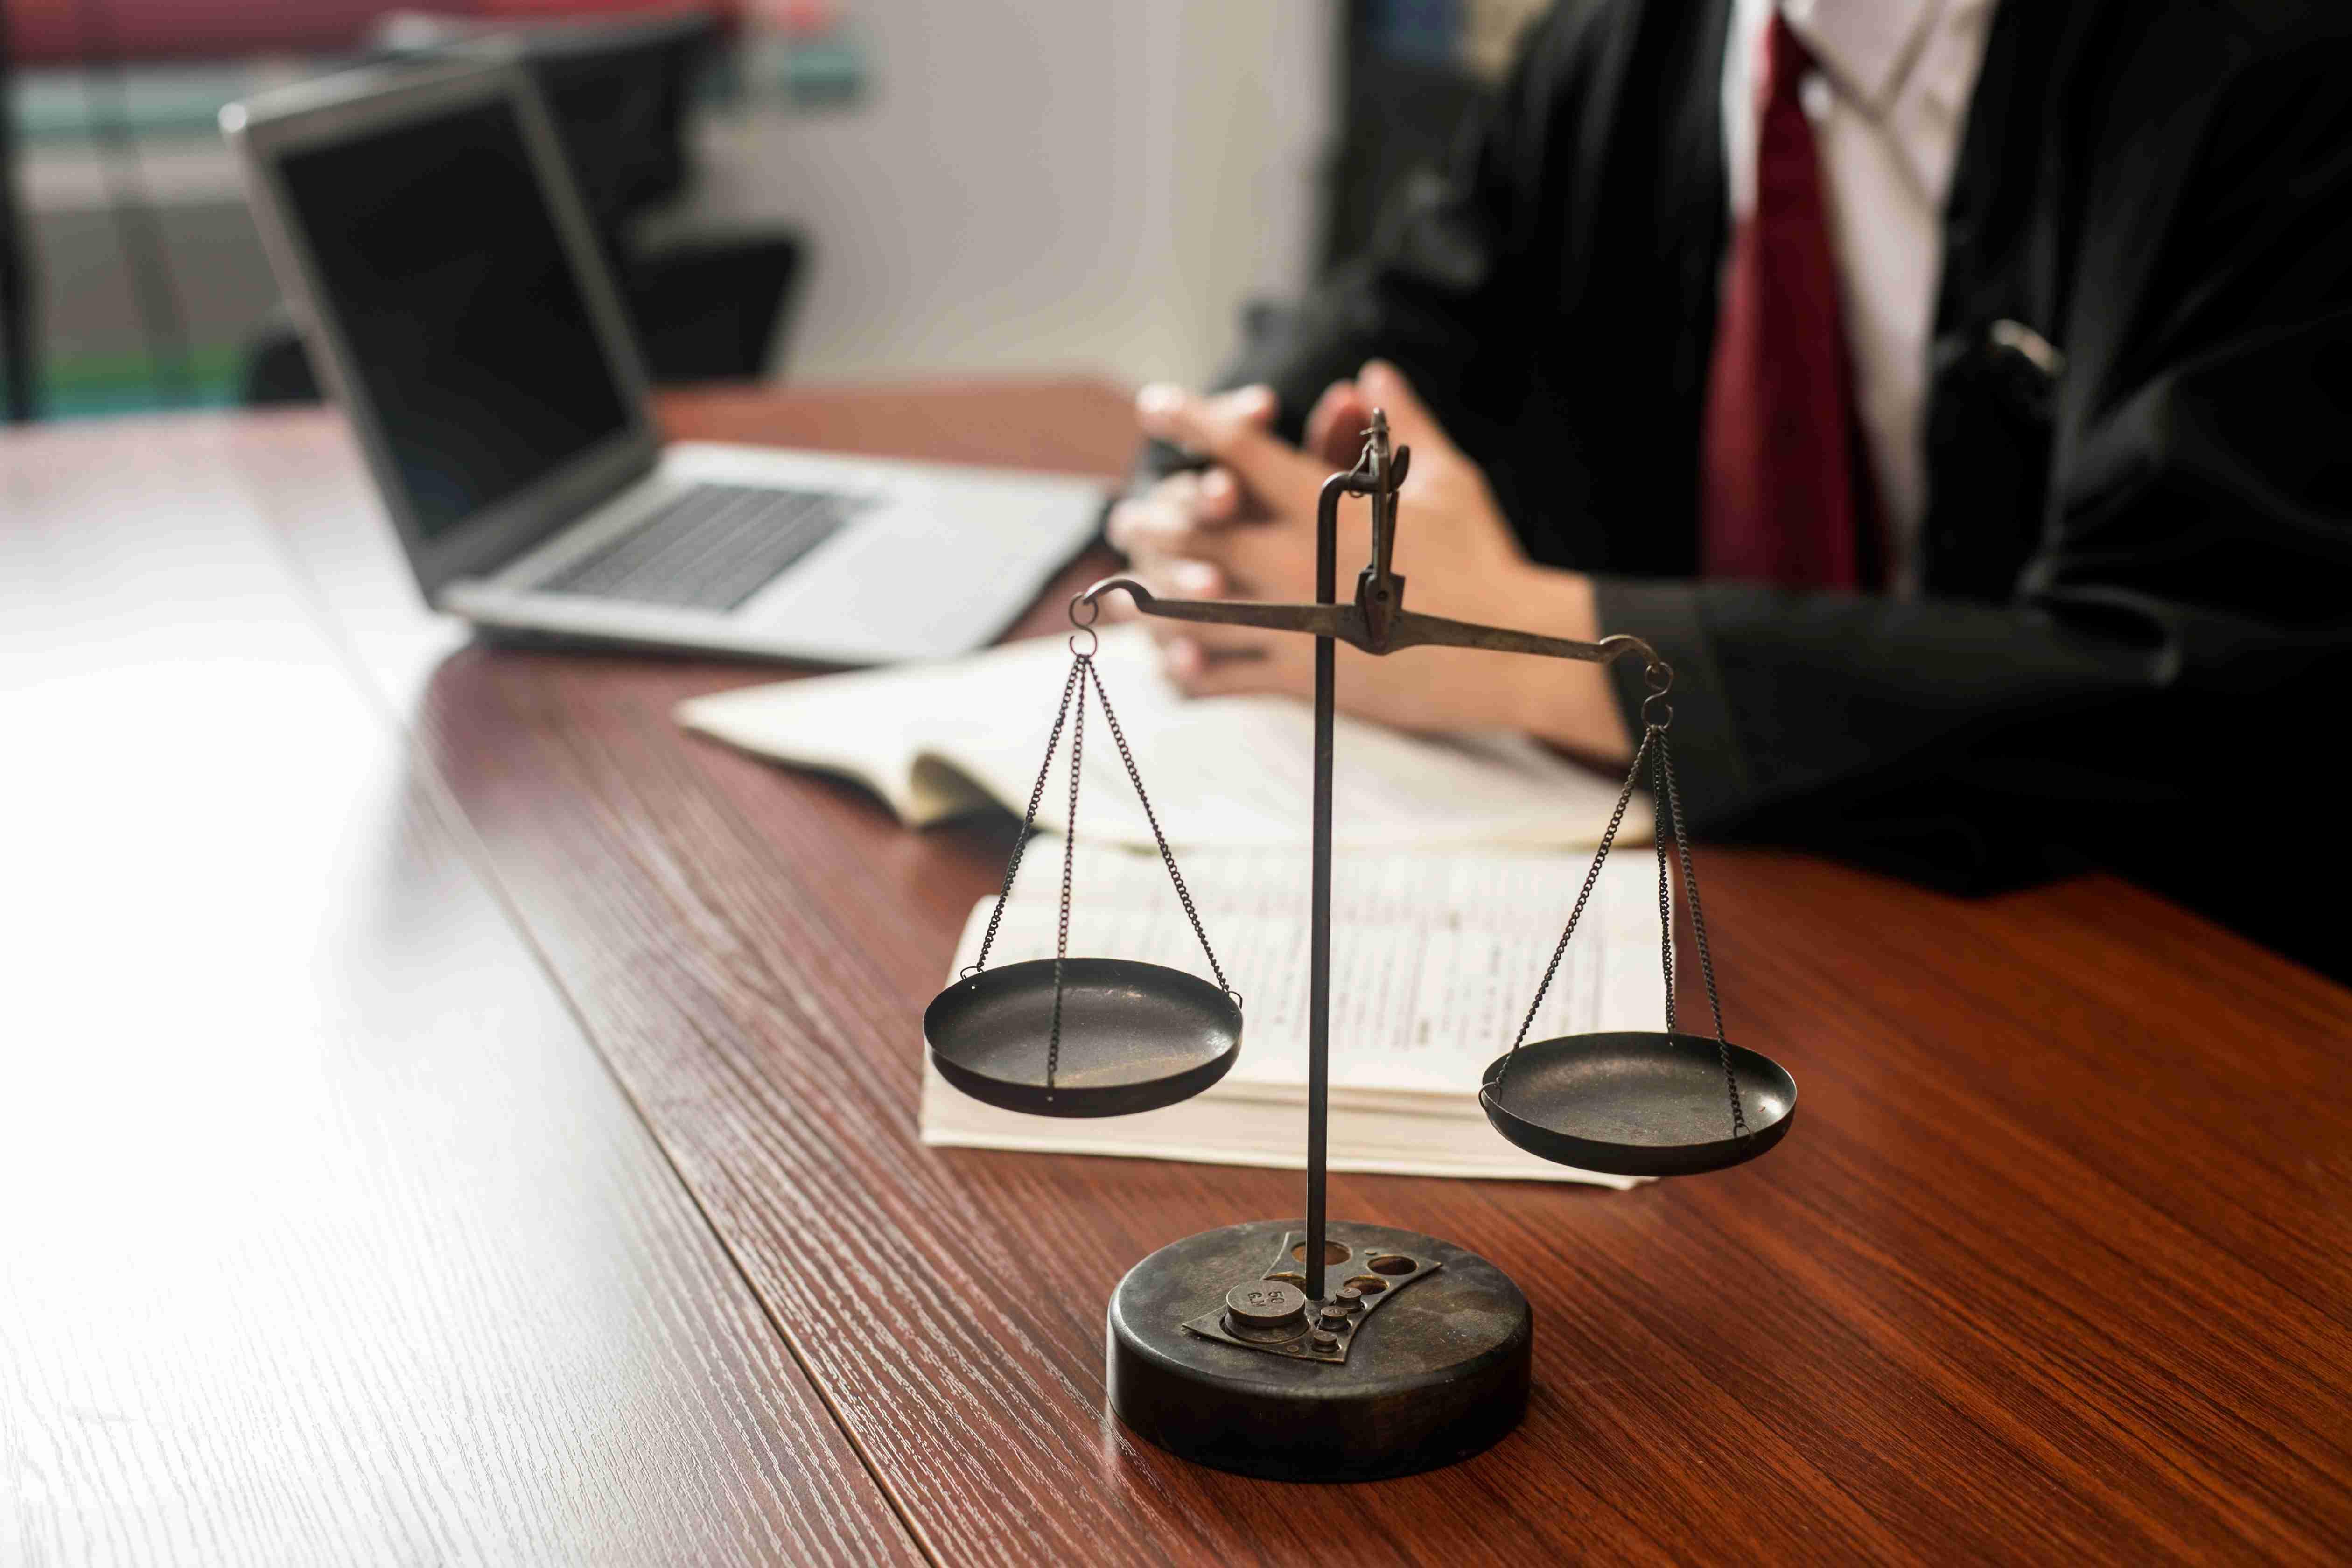 使用他人实用新型专利加贴自己商标,改成侵权吗?